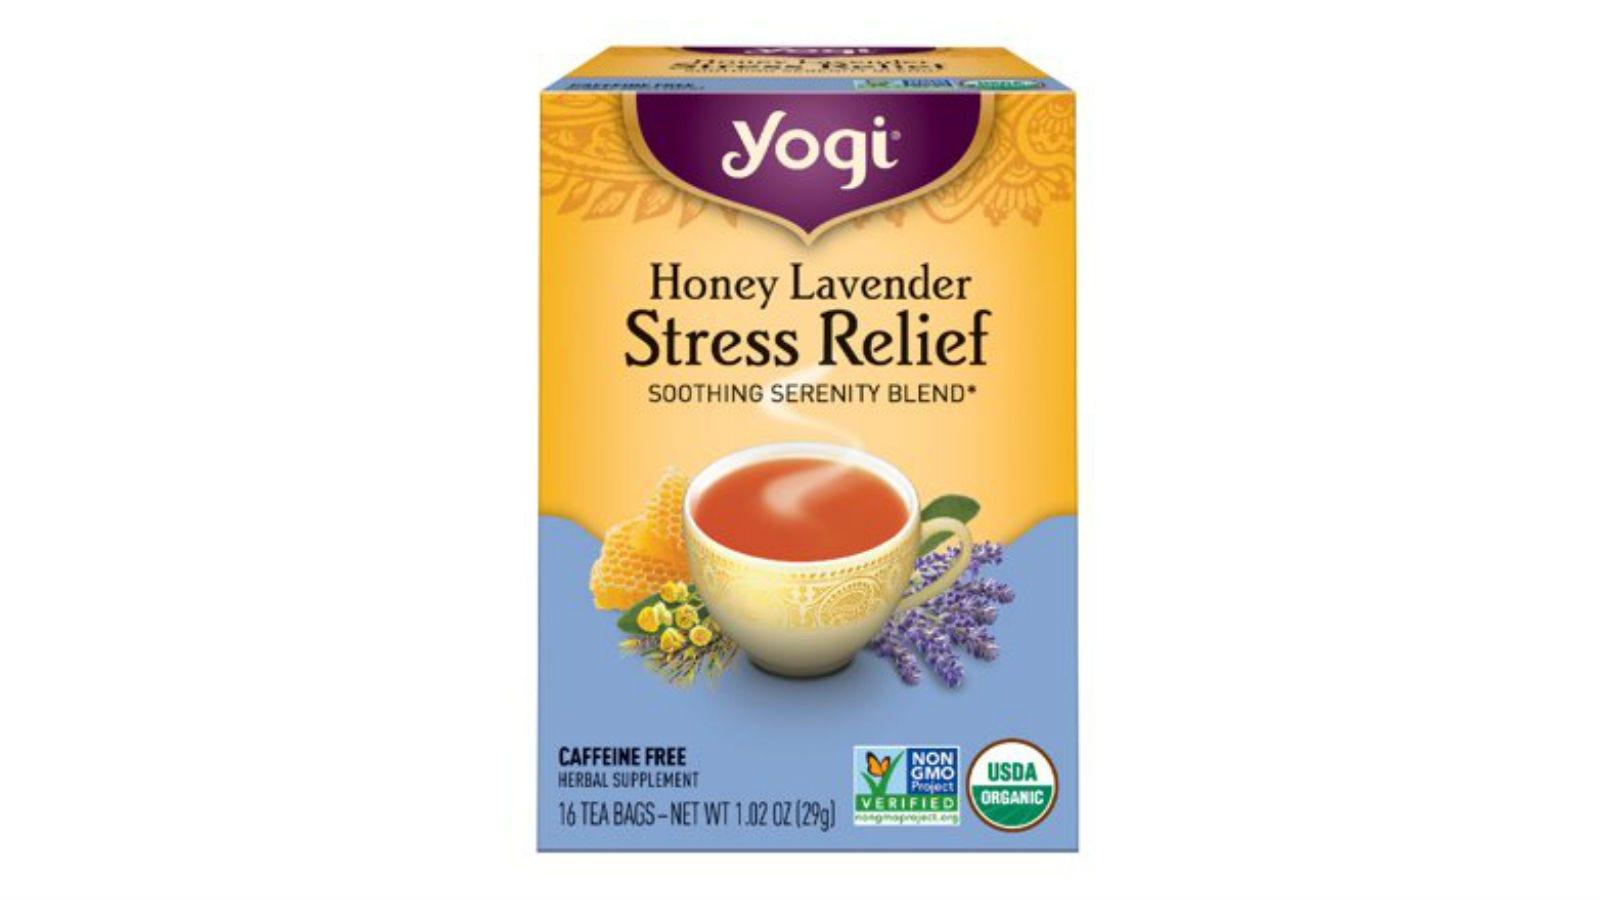 A box of Yogi Honey Lavender Stress Relief Tea.